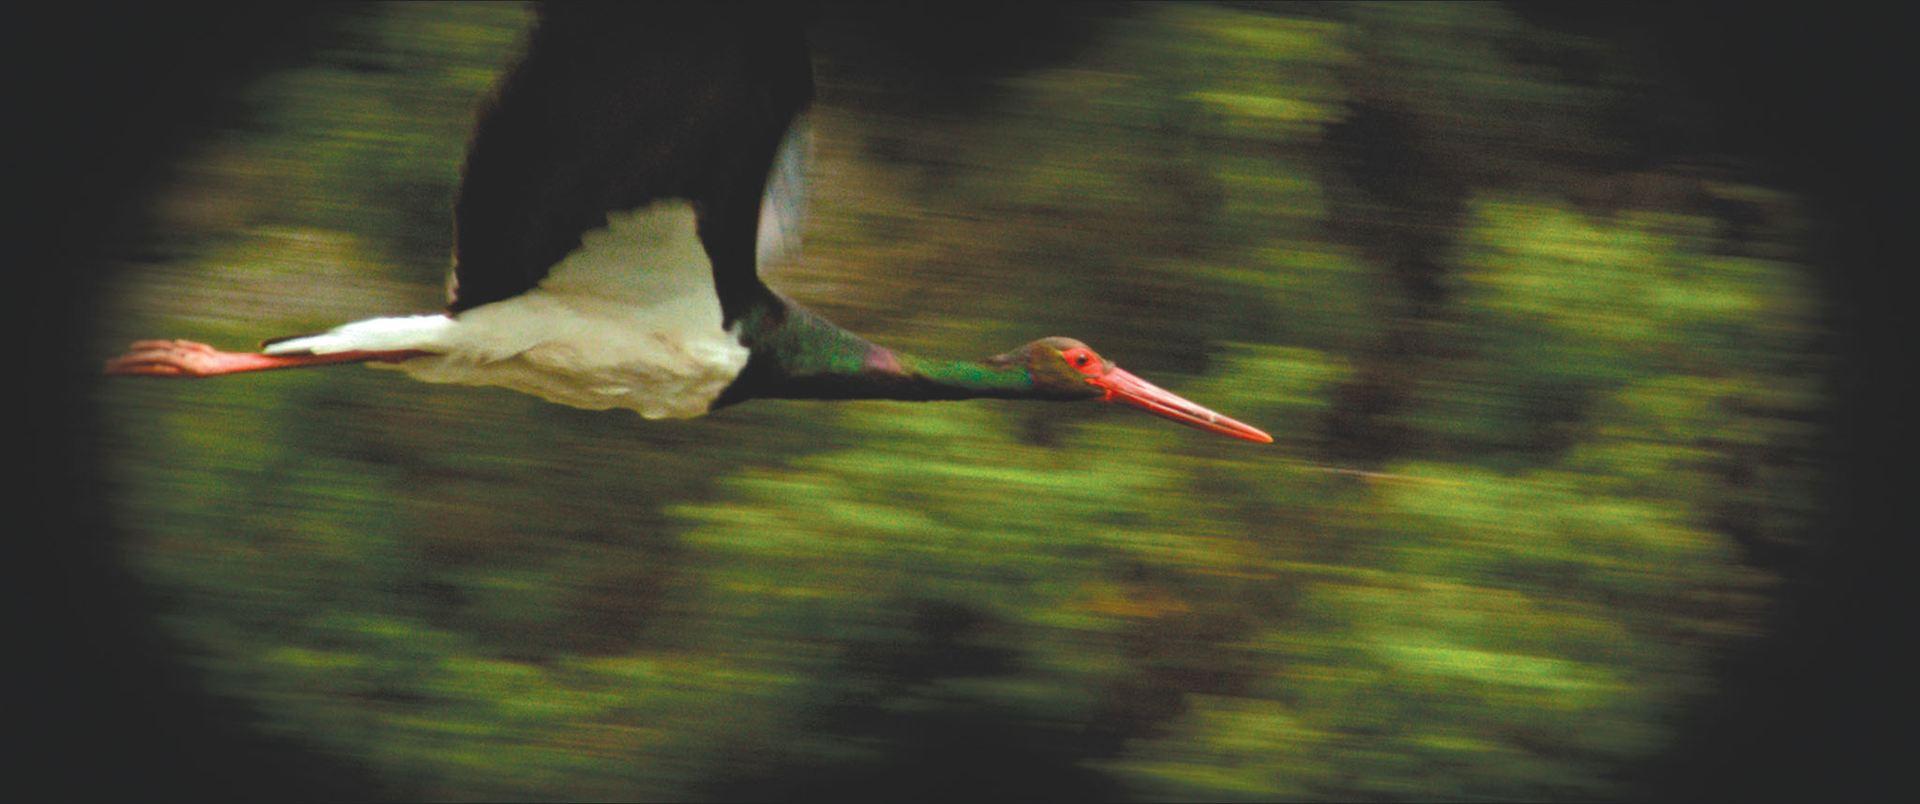 ornitologo spoutnik